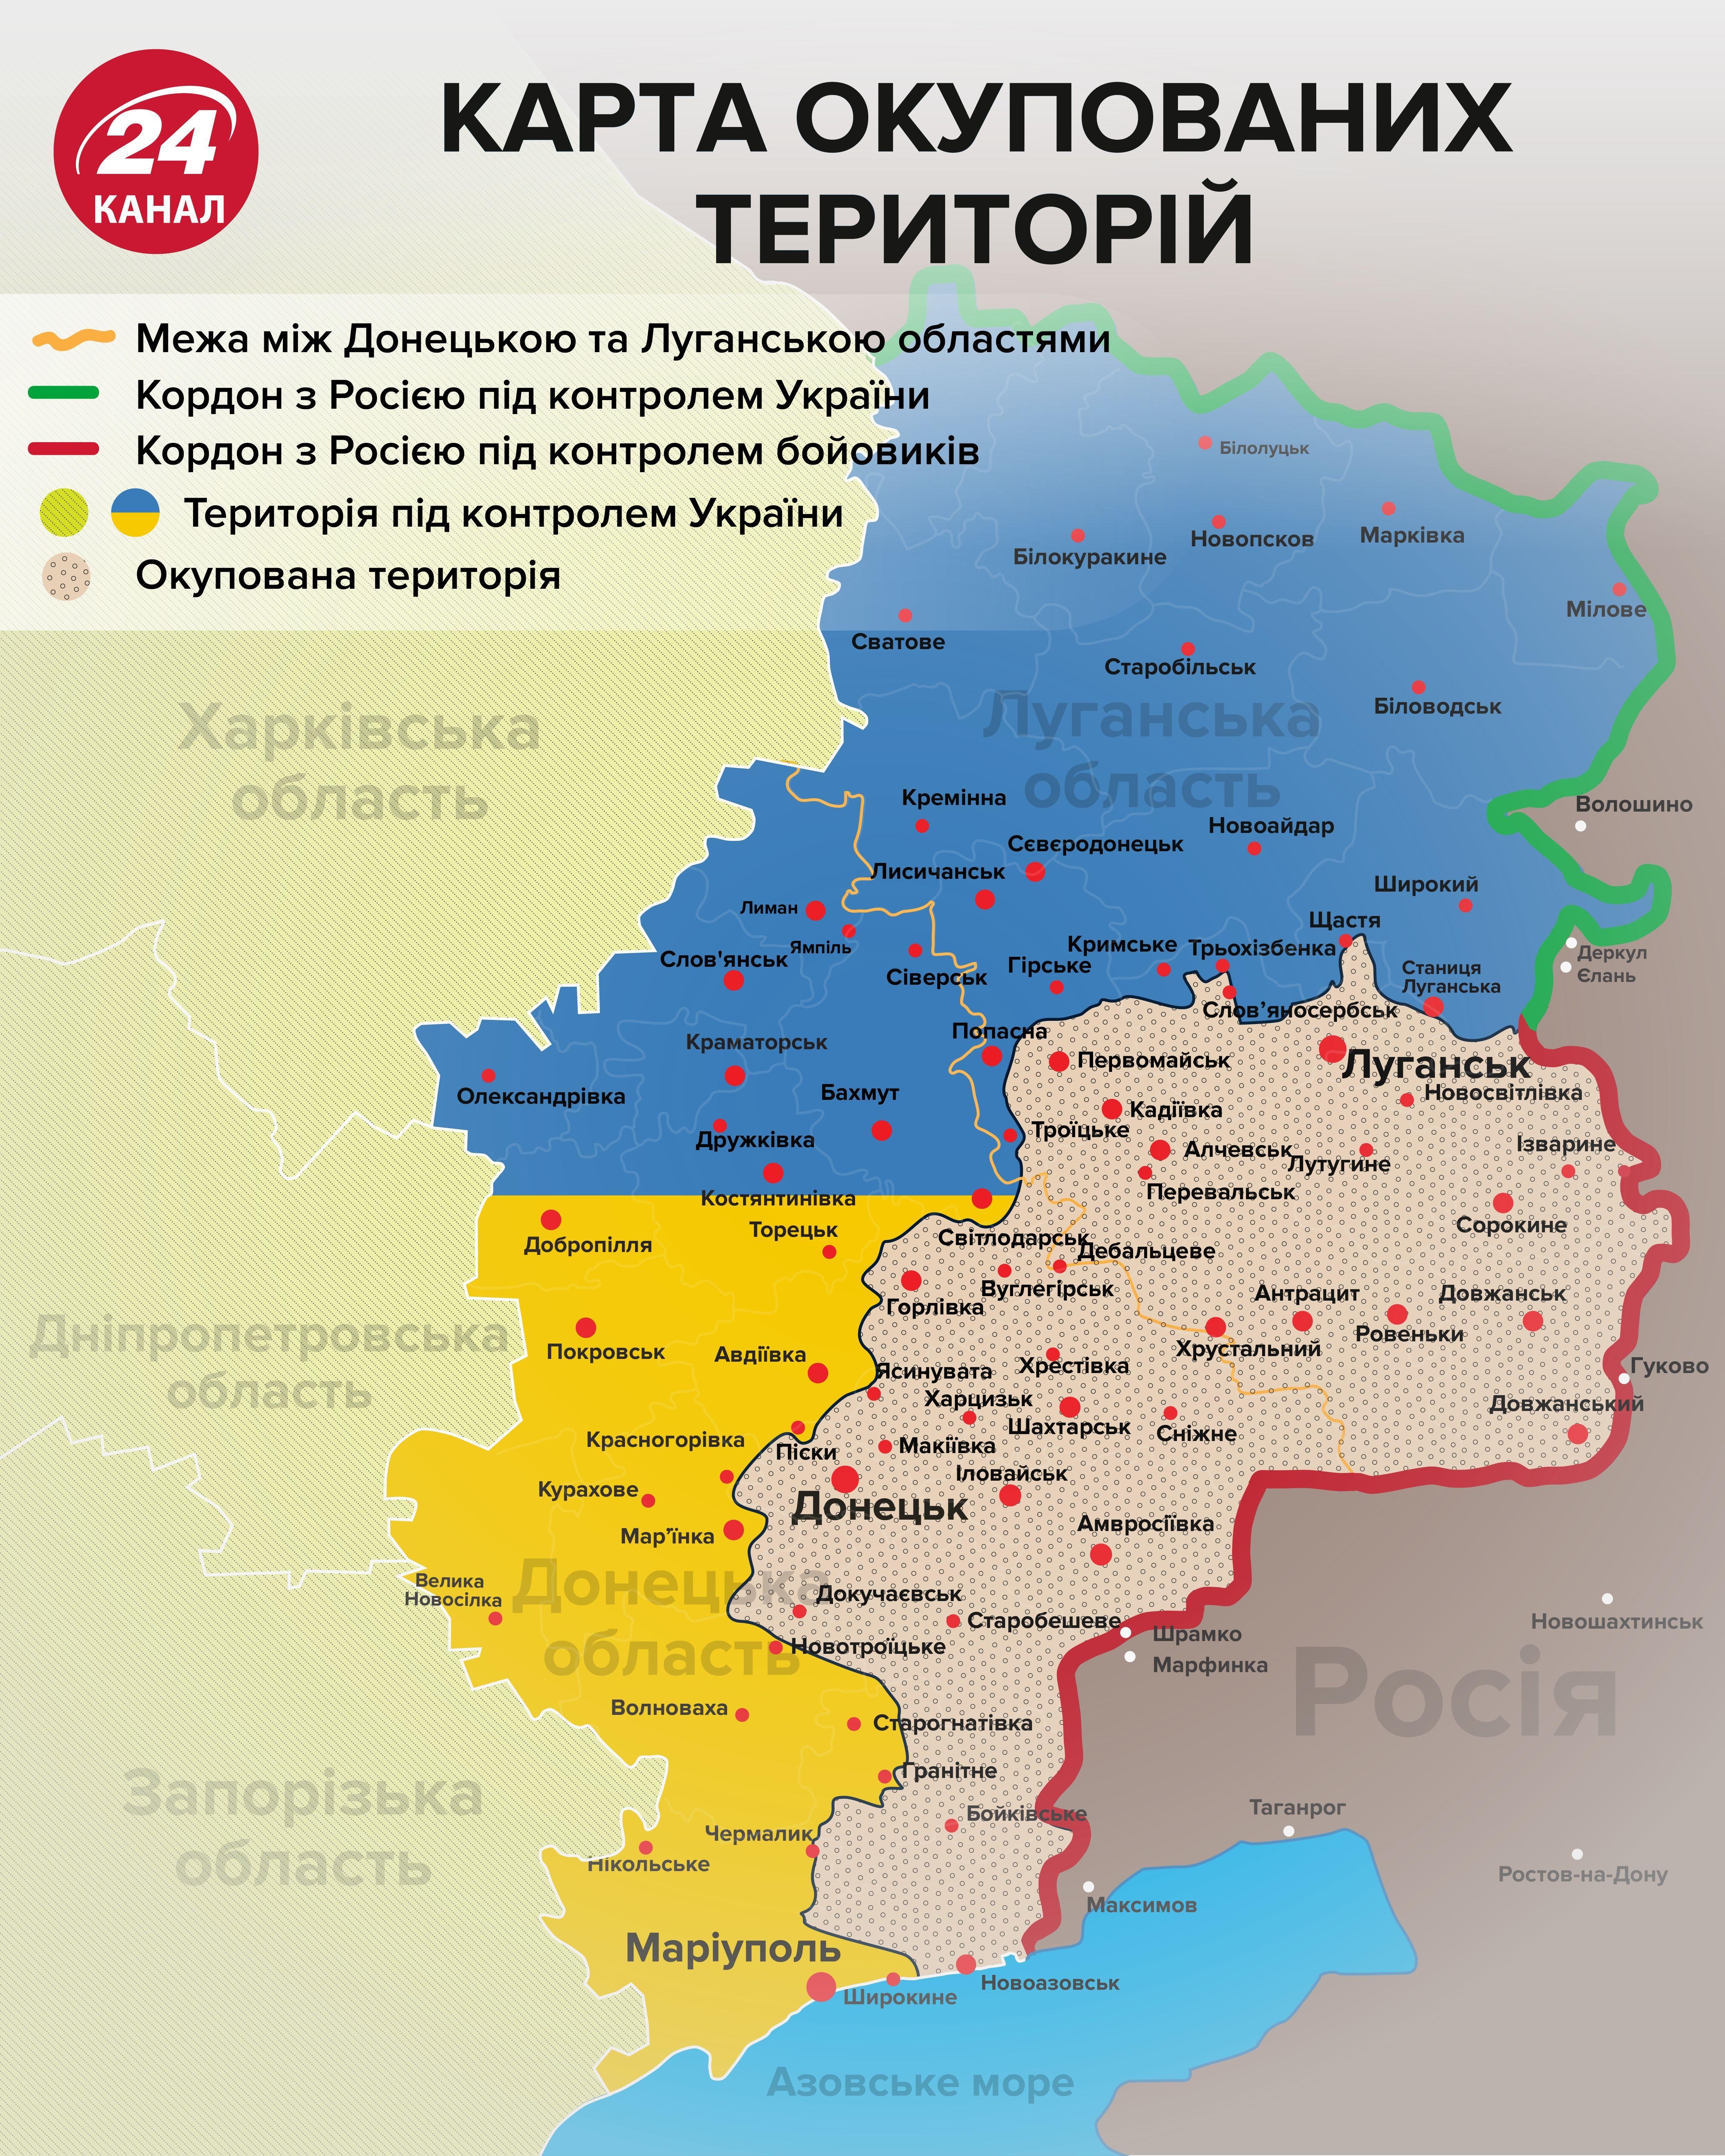 Карта проведення Операції Об'єднаних сил